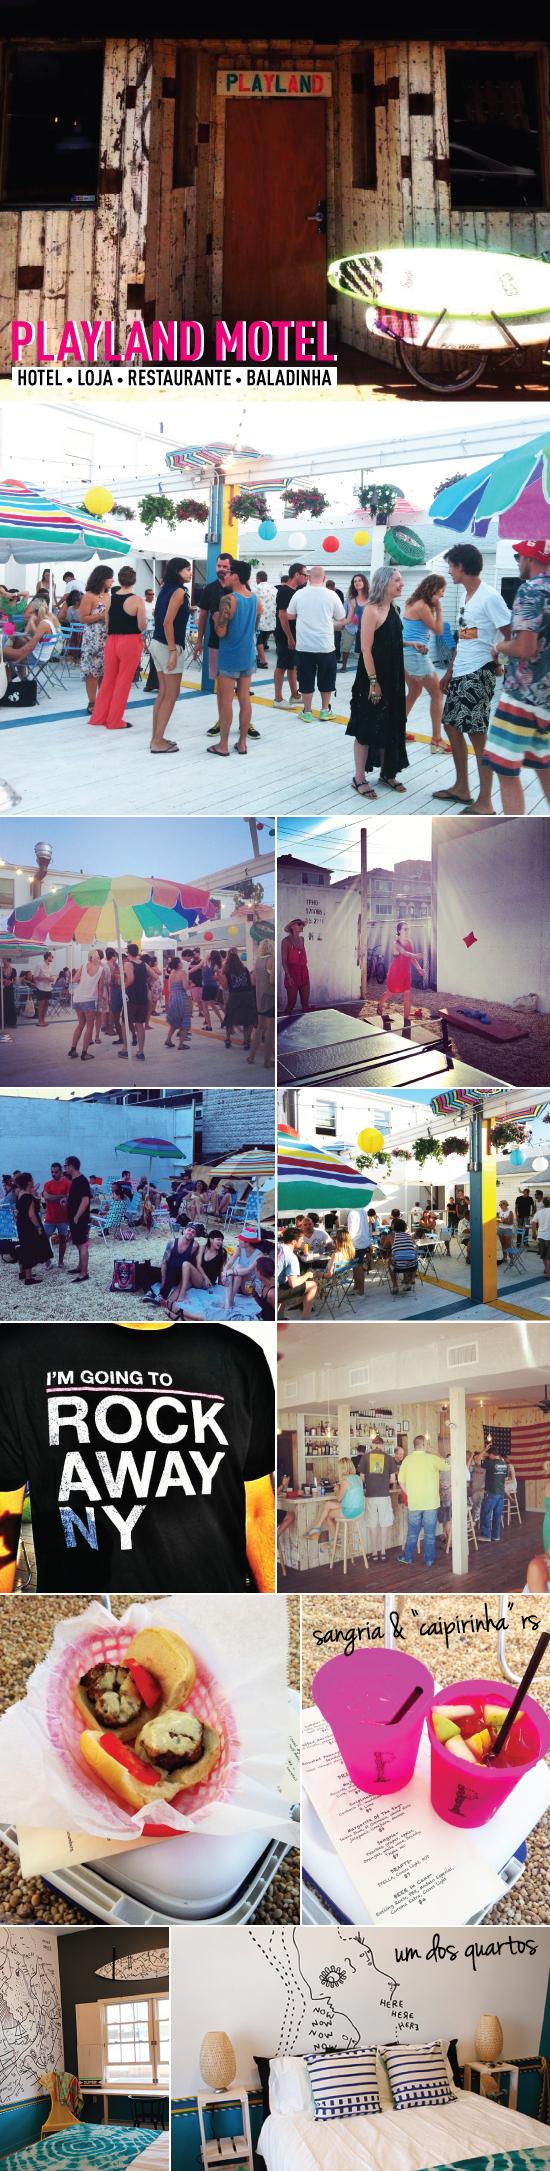 post-praia-rockaway-playland-motel-hotel-praia-beach-dica-viagem-ny-queens-new-york-travel-tips-balada-restaurante-onde-ir-comer-como-chegar-metro-blog-dica-starving